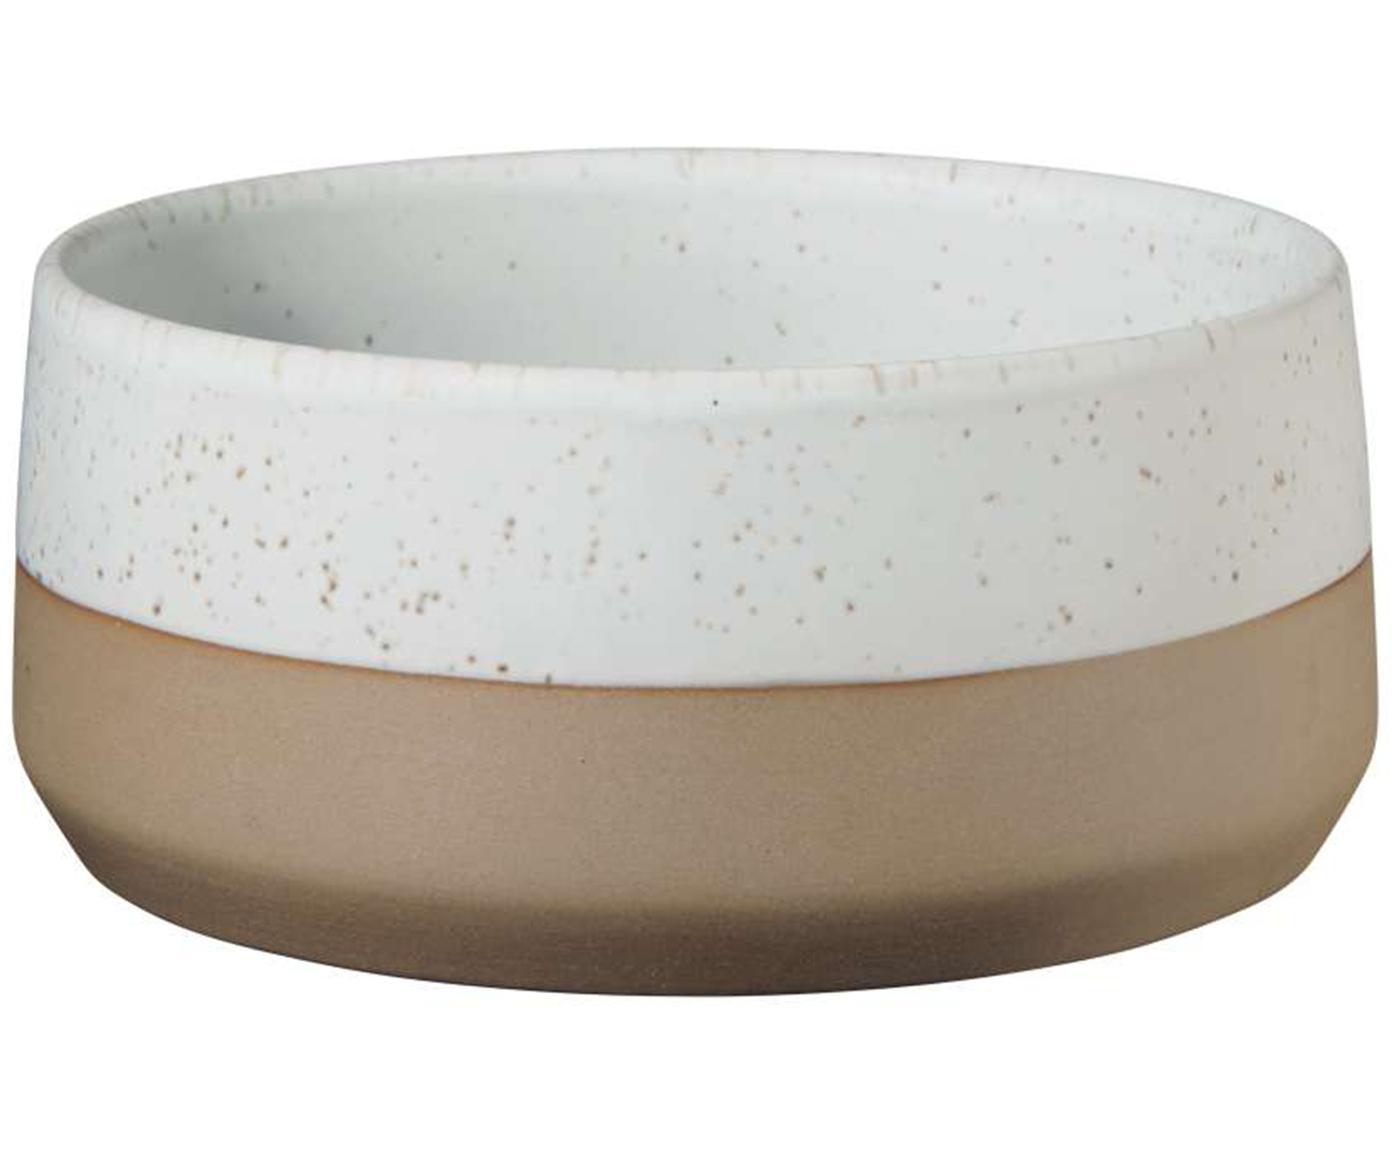 Ciotolina opaca in tonalità marroni e beige Caja 2 pz, Argilla, Tonalità marroni e beige, Ø 14 cm